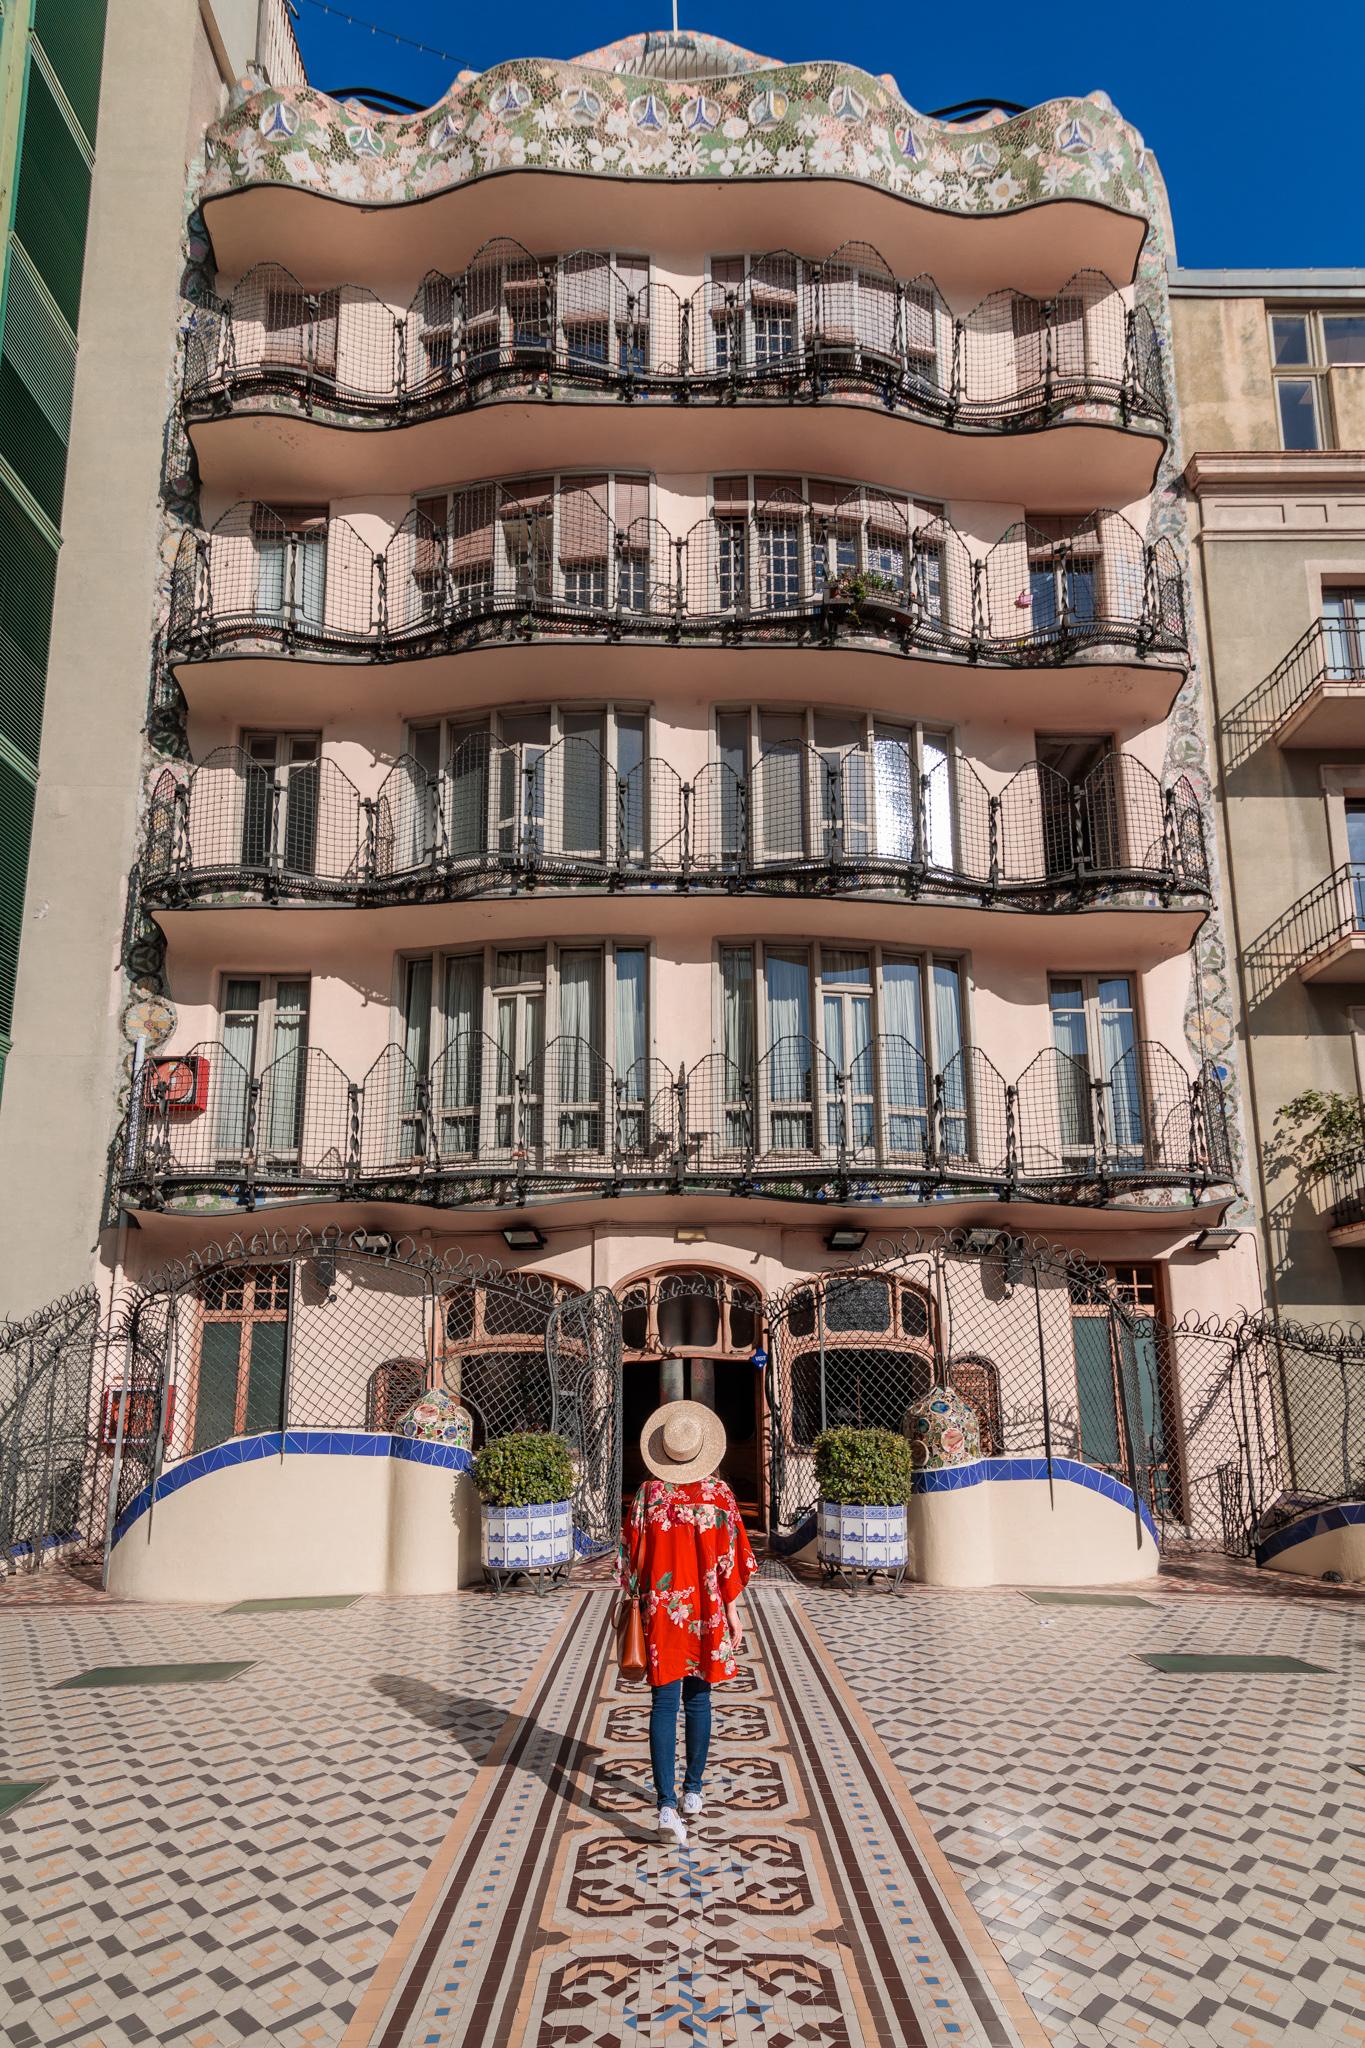 The 25 Most Instagrammable Spots in Barcelona (With Addresses!) // www.readysetjetset.net #readysetjetset #barcelona #spain